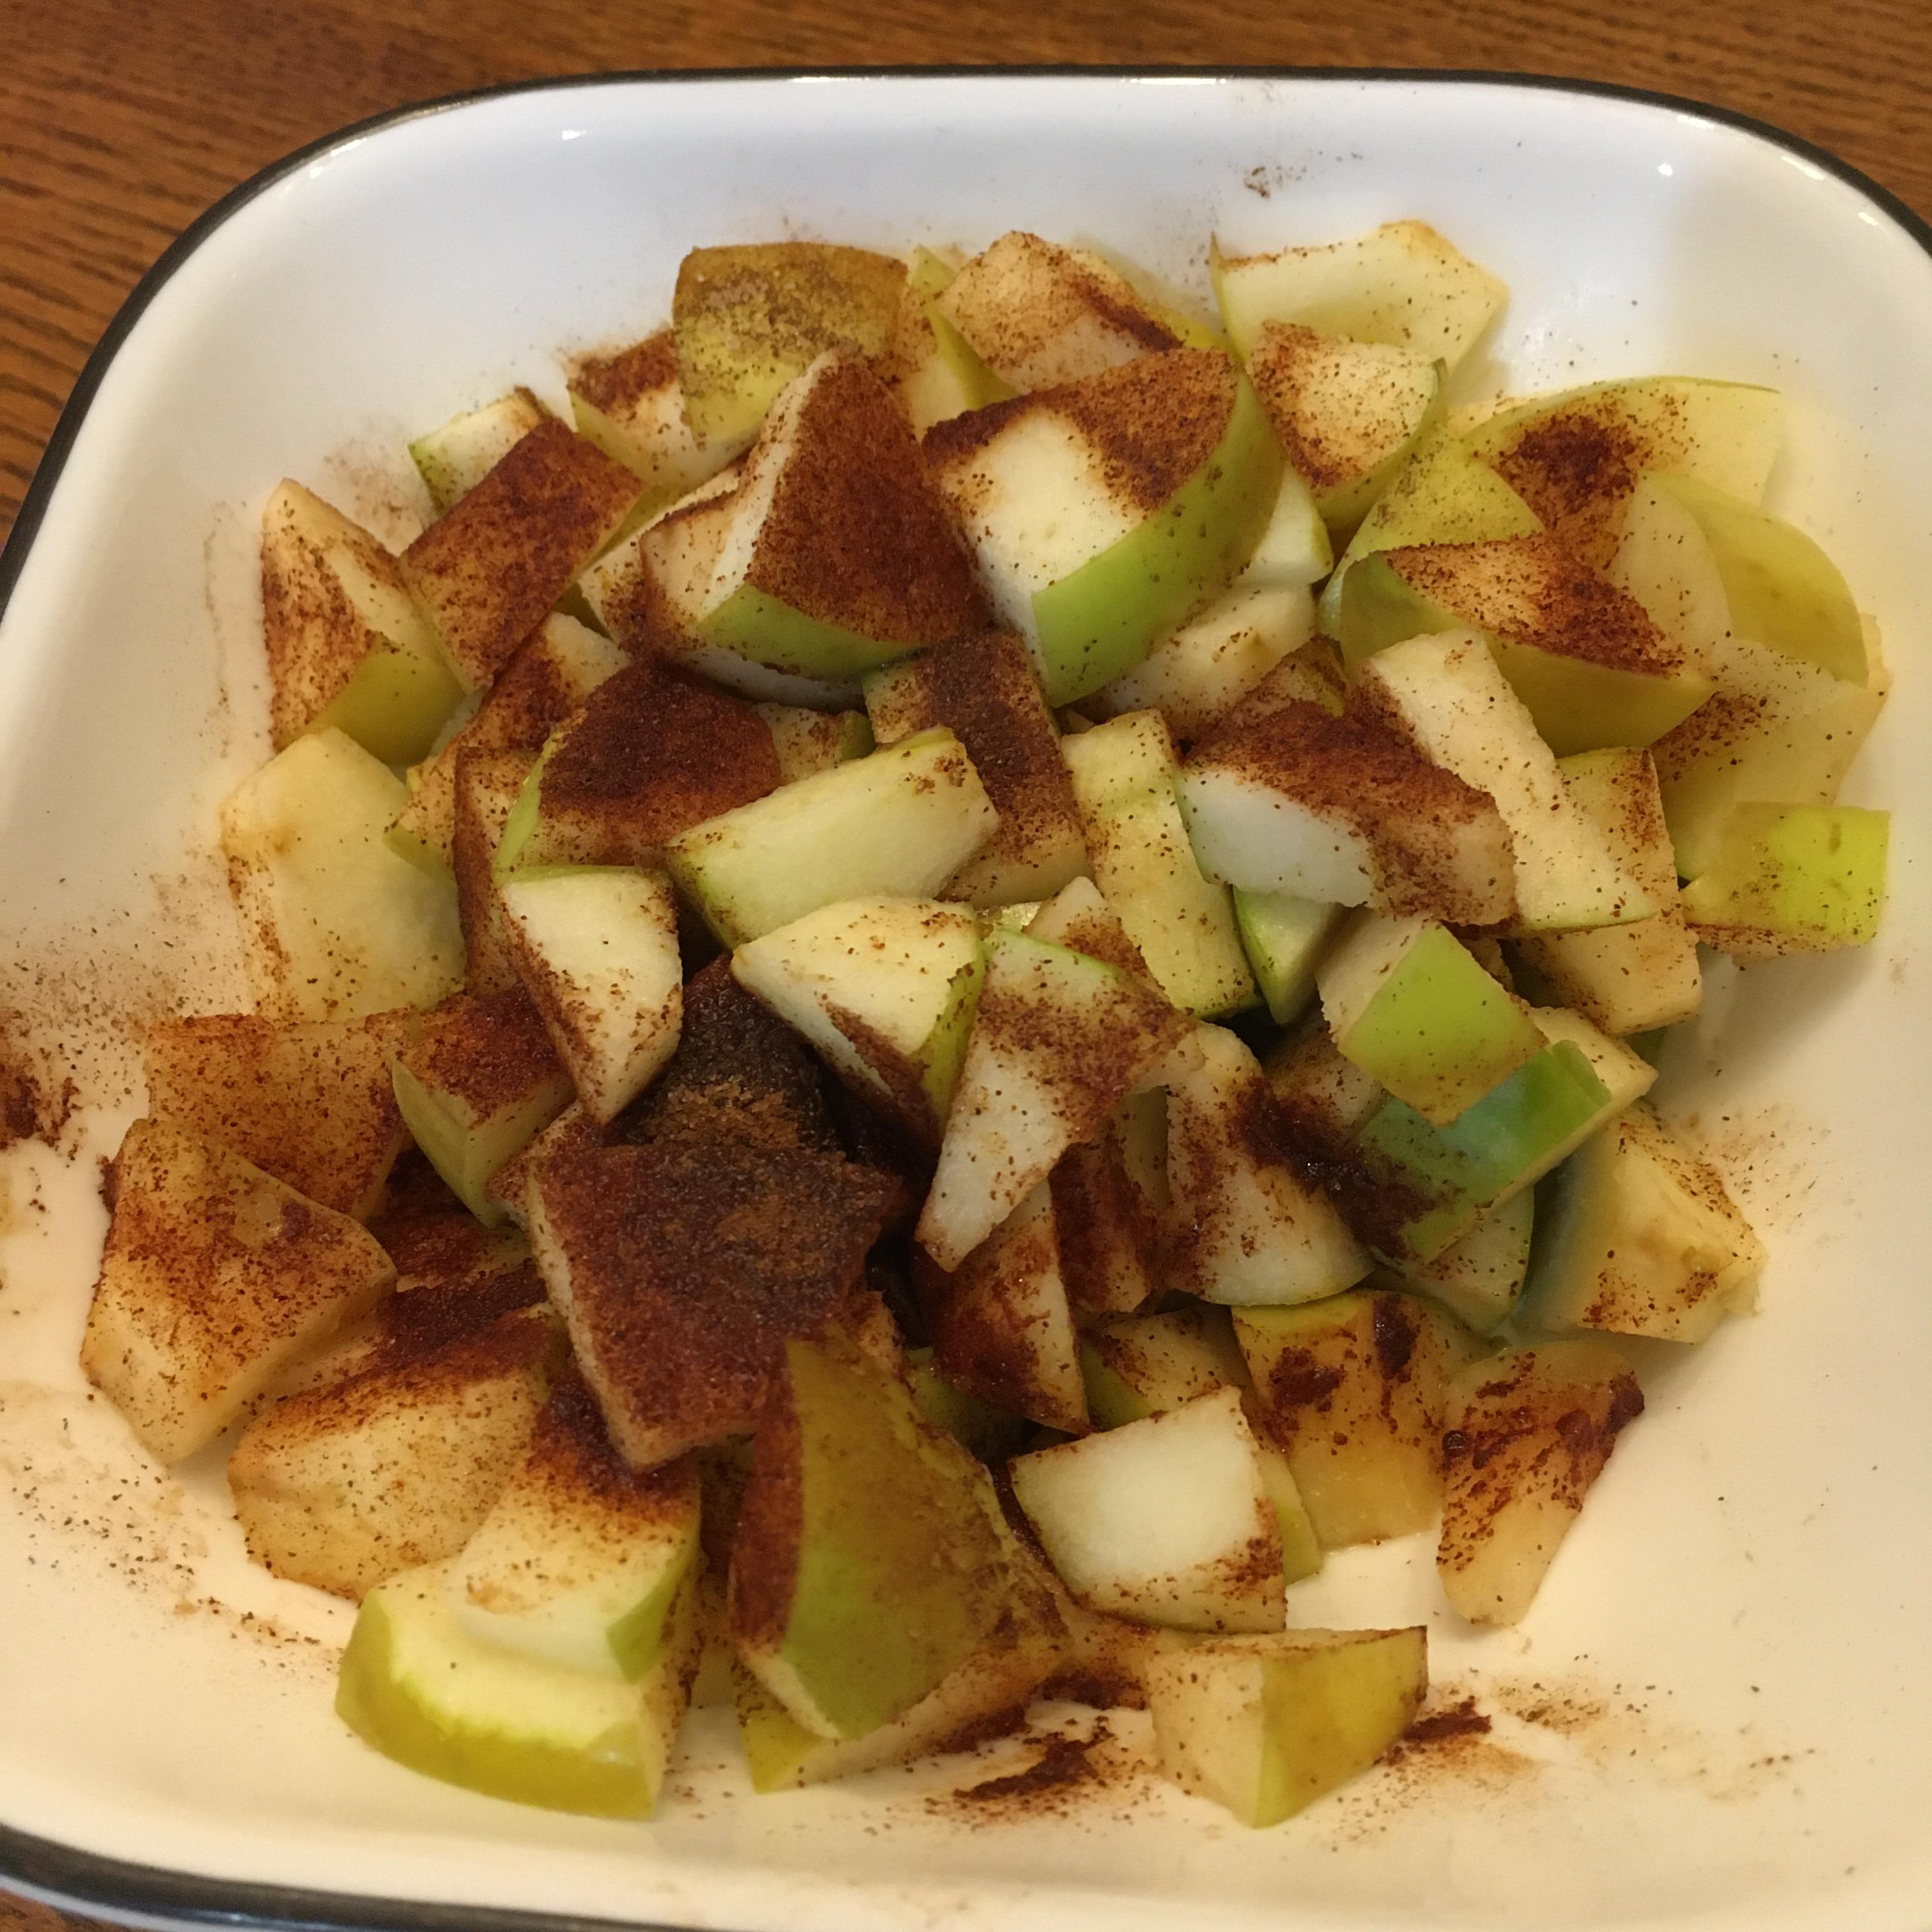 Cinnamon Apples